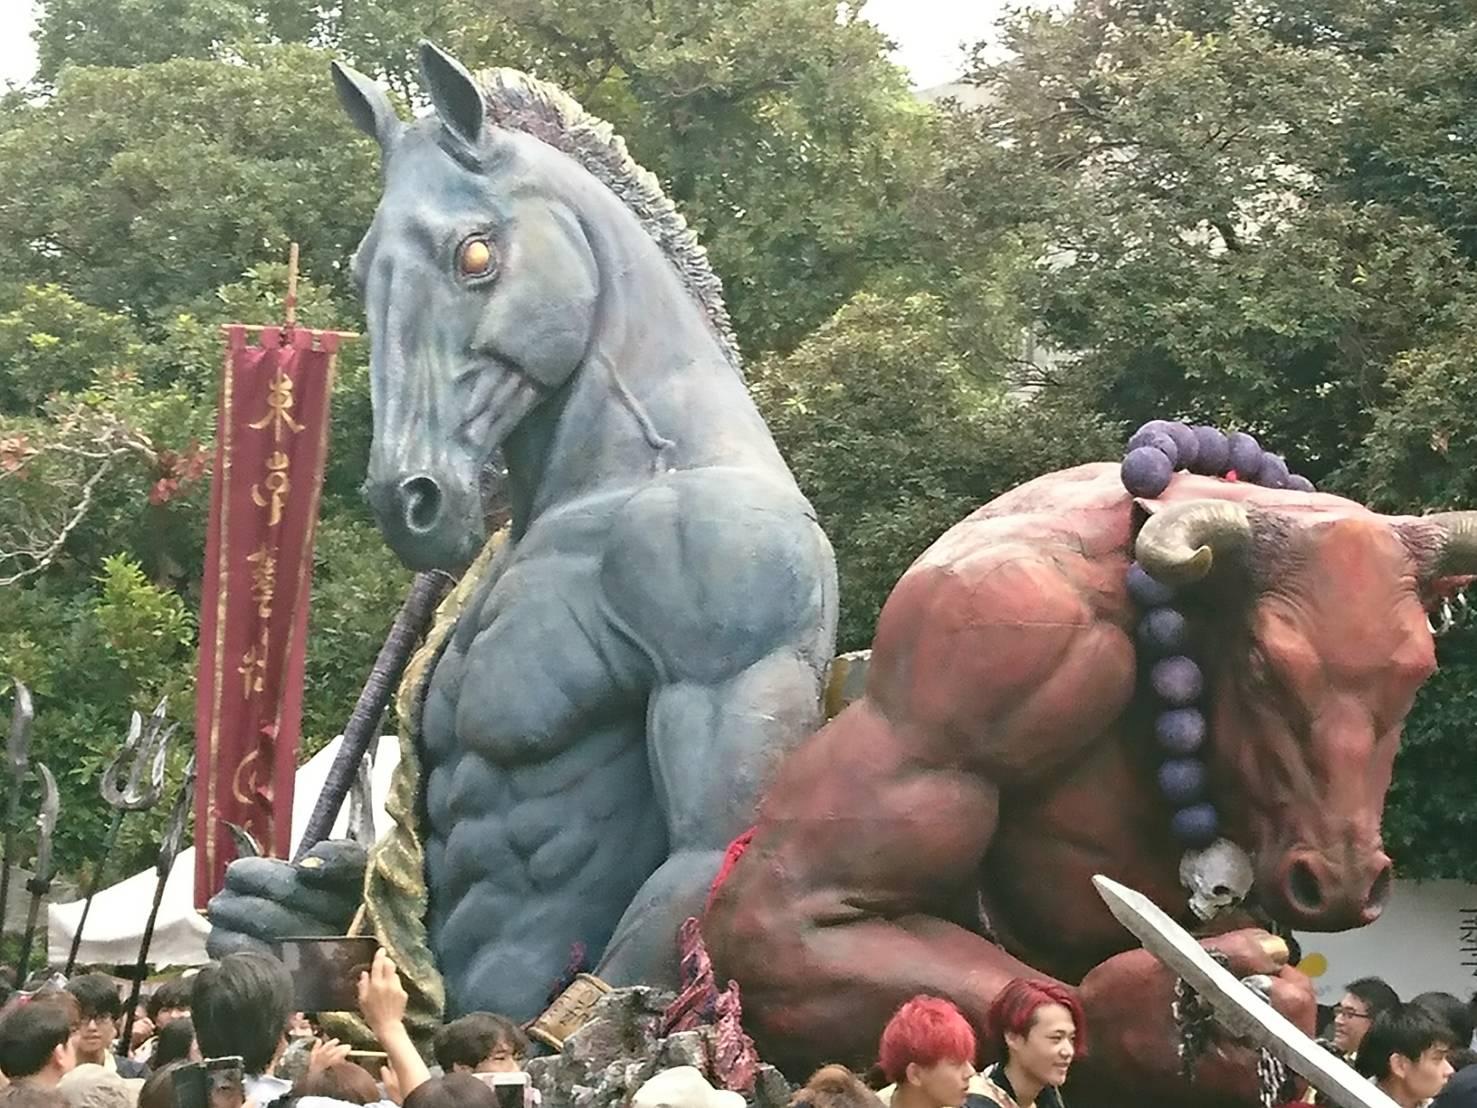 今年も東京藝術大学の学祭がヤバイ!!筋骨隆々すぎる…!